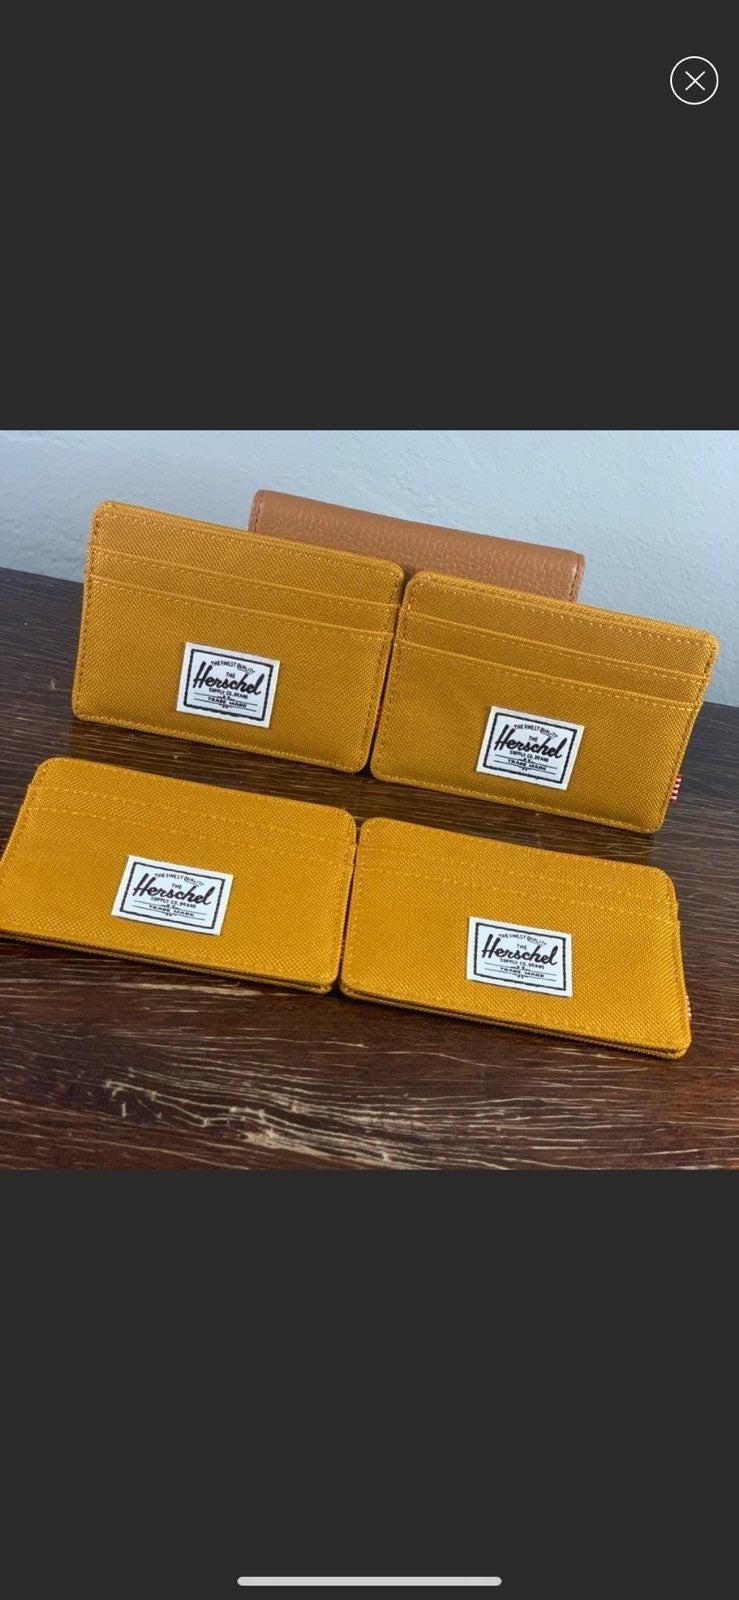 herschel 4 pack wallet